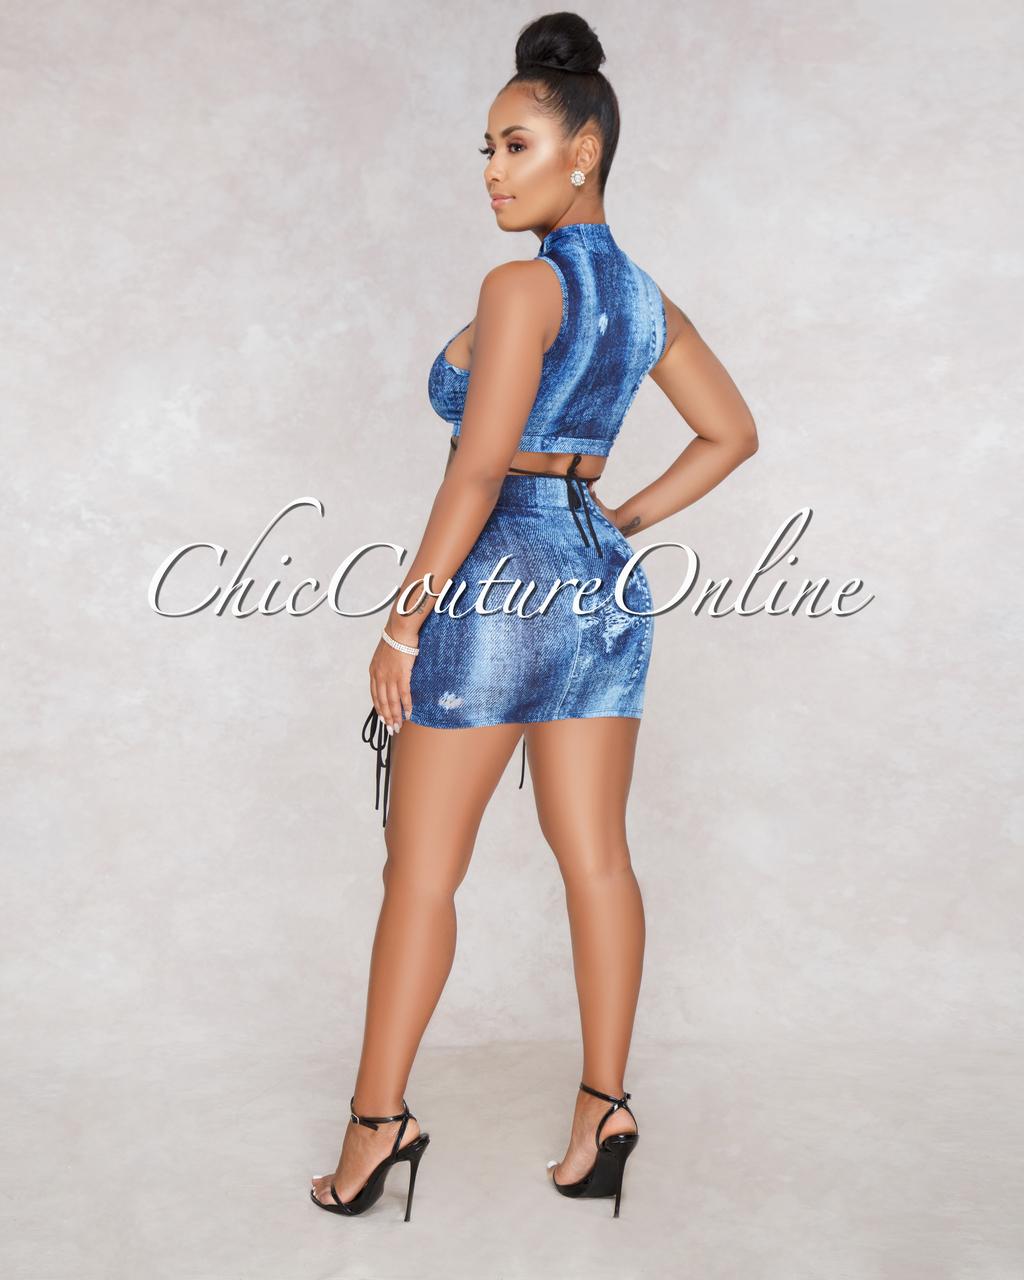 Coralie Blue Denim Print Lace Up Crop Top Shorts Set